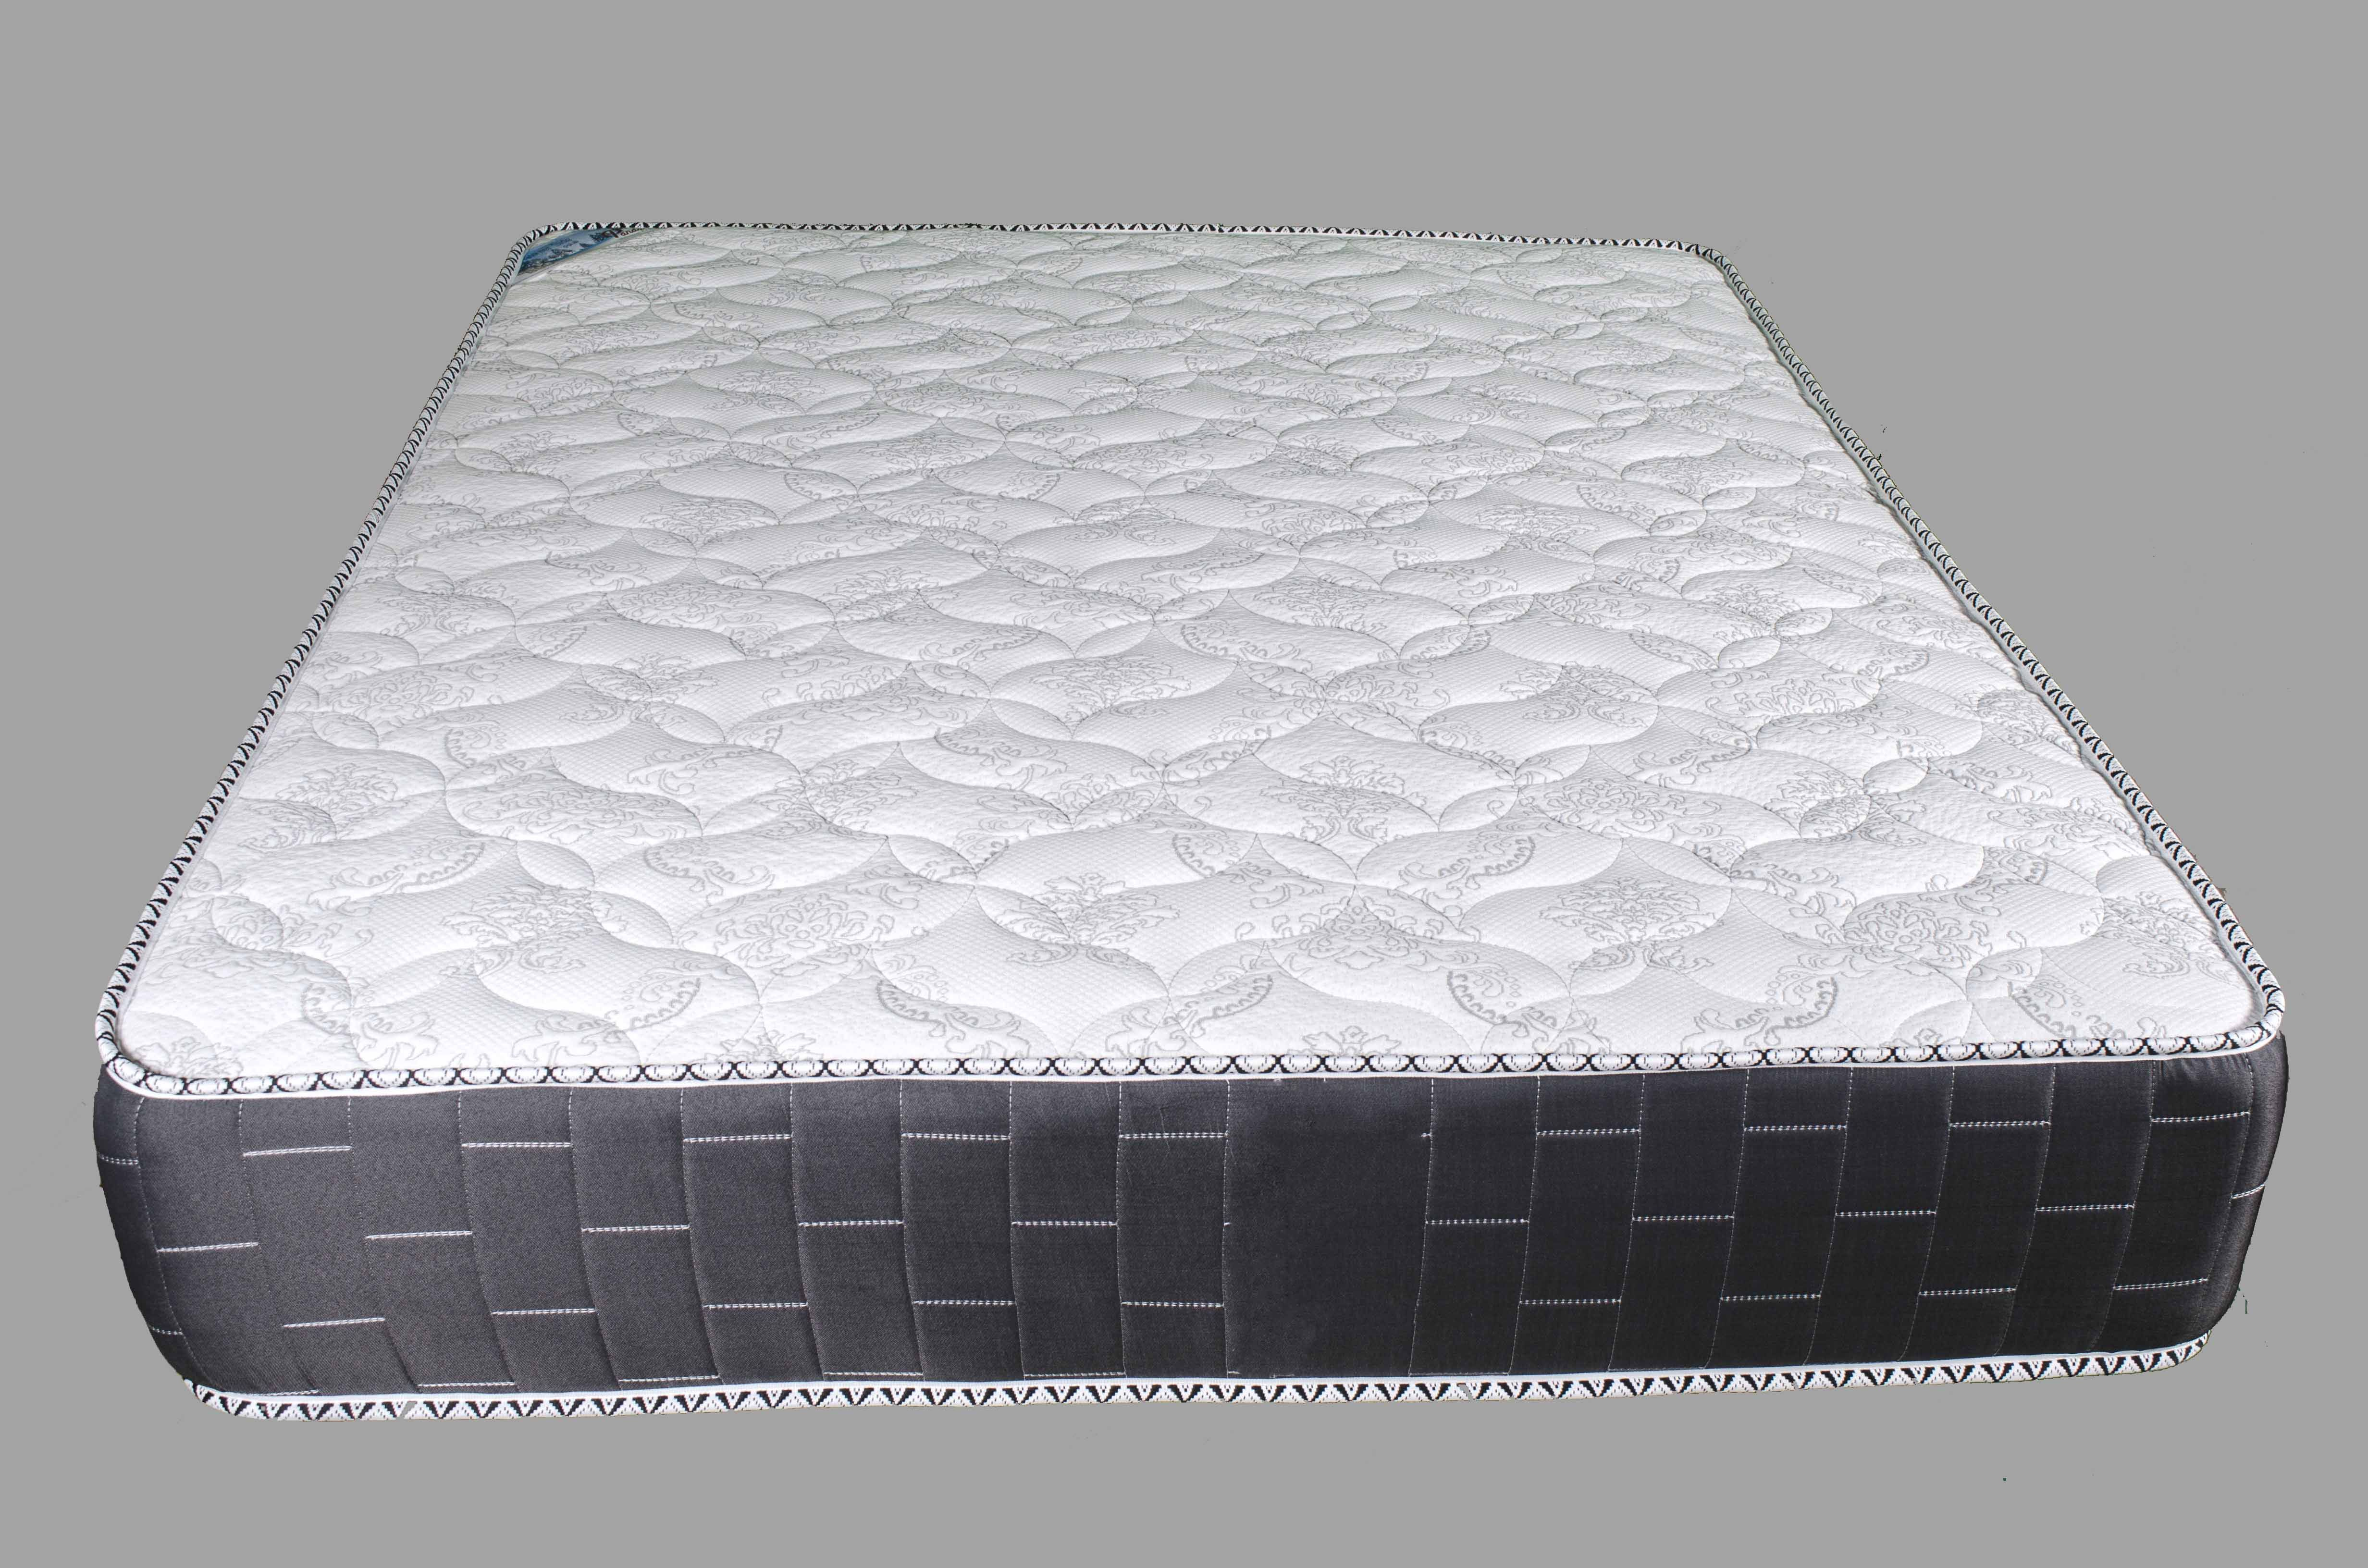 Dream retreat queen pillow top mattress set cort best dream retreat queen pillow top mattress set cort best mattresses 2018 pinterest pillow top mattress mattress sets and mattress biocorpaavc Choice Image